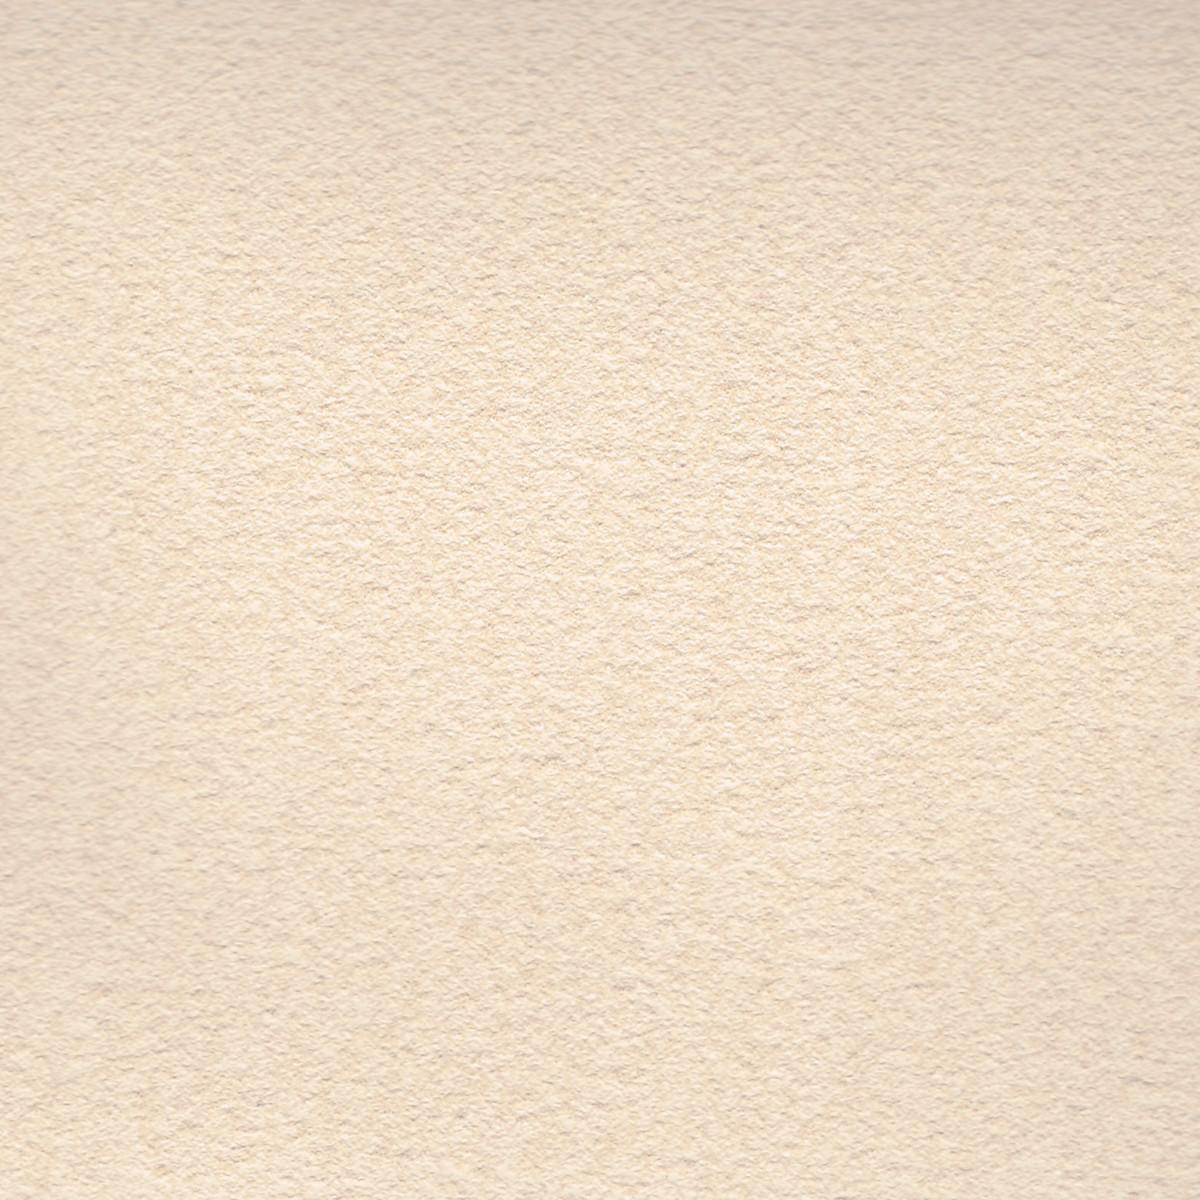 Composizione per effetto decorativo vento di sabbia for Pittura decorativa vento di sabbia